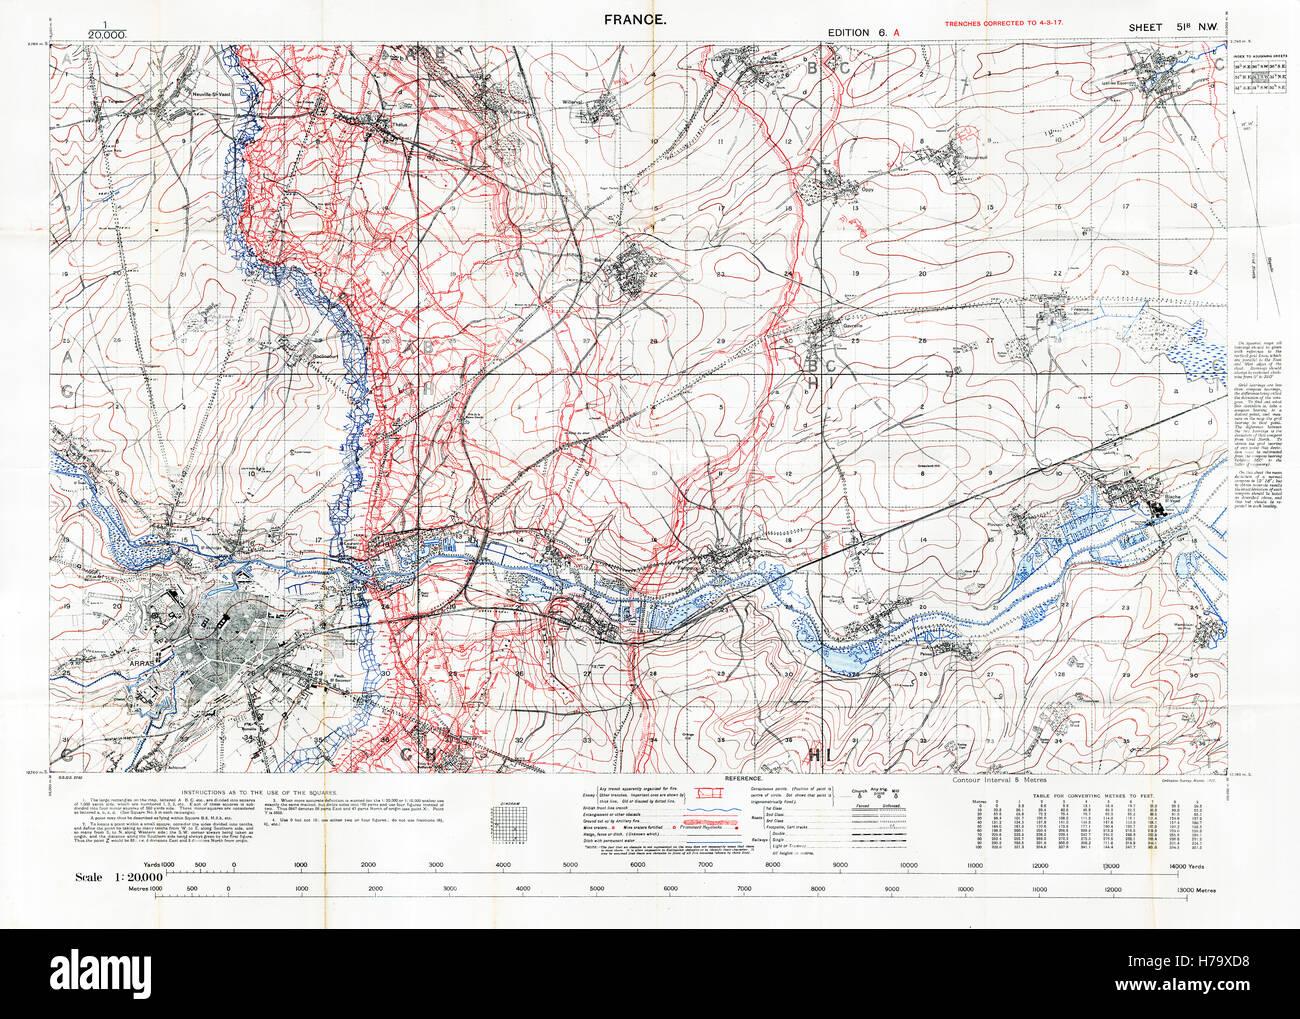 Nordfrankreich Karte.Schlachtfeld Sektorkarte Arras 1917 Edition 6a 1 20 000